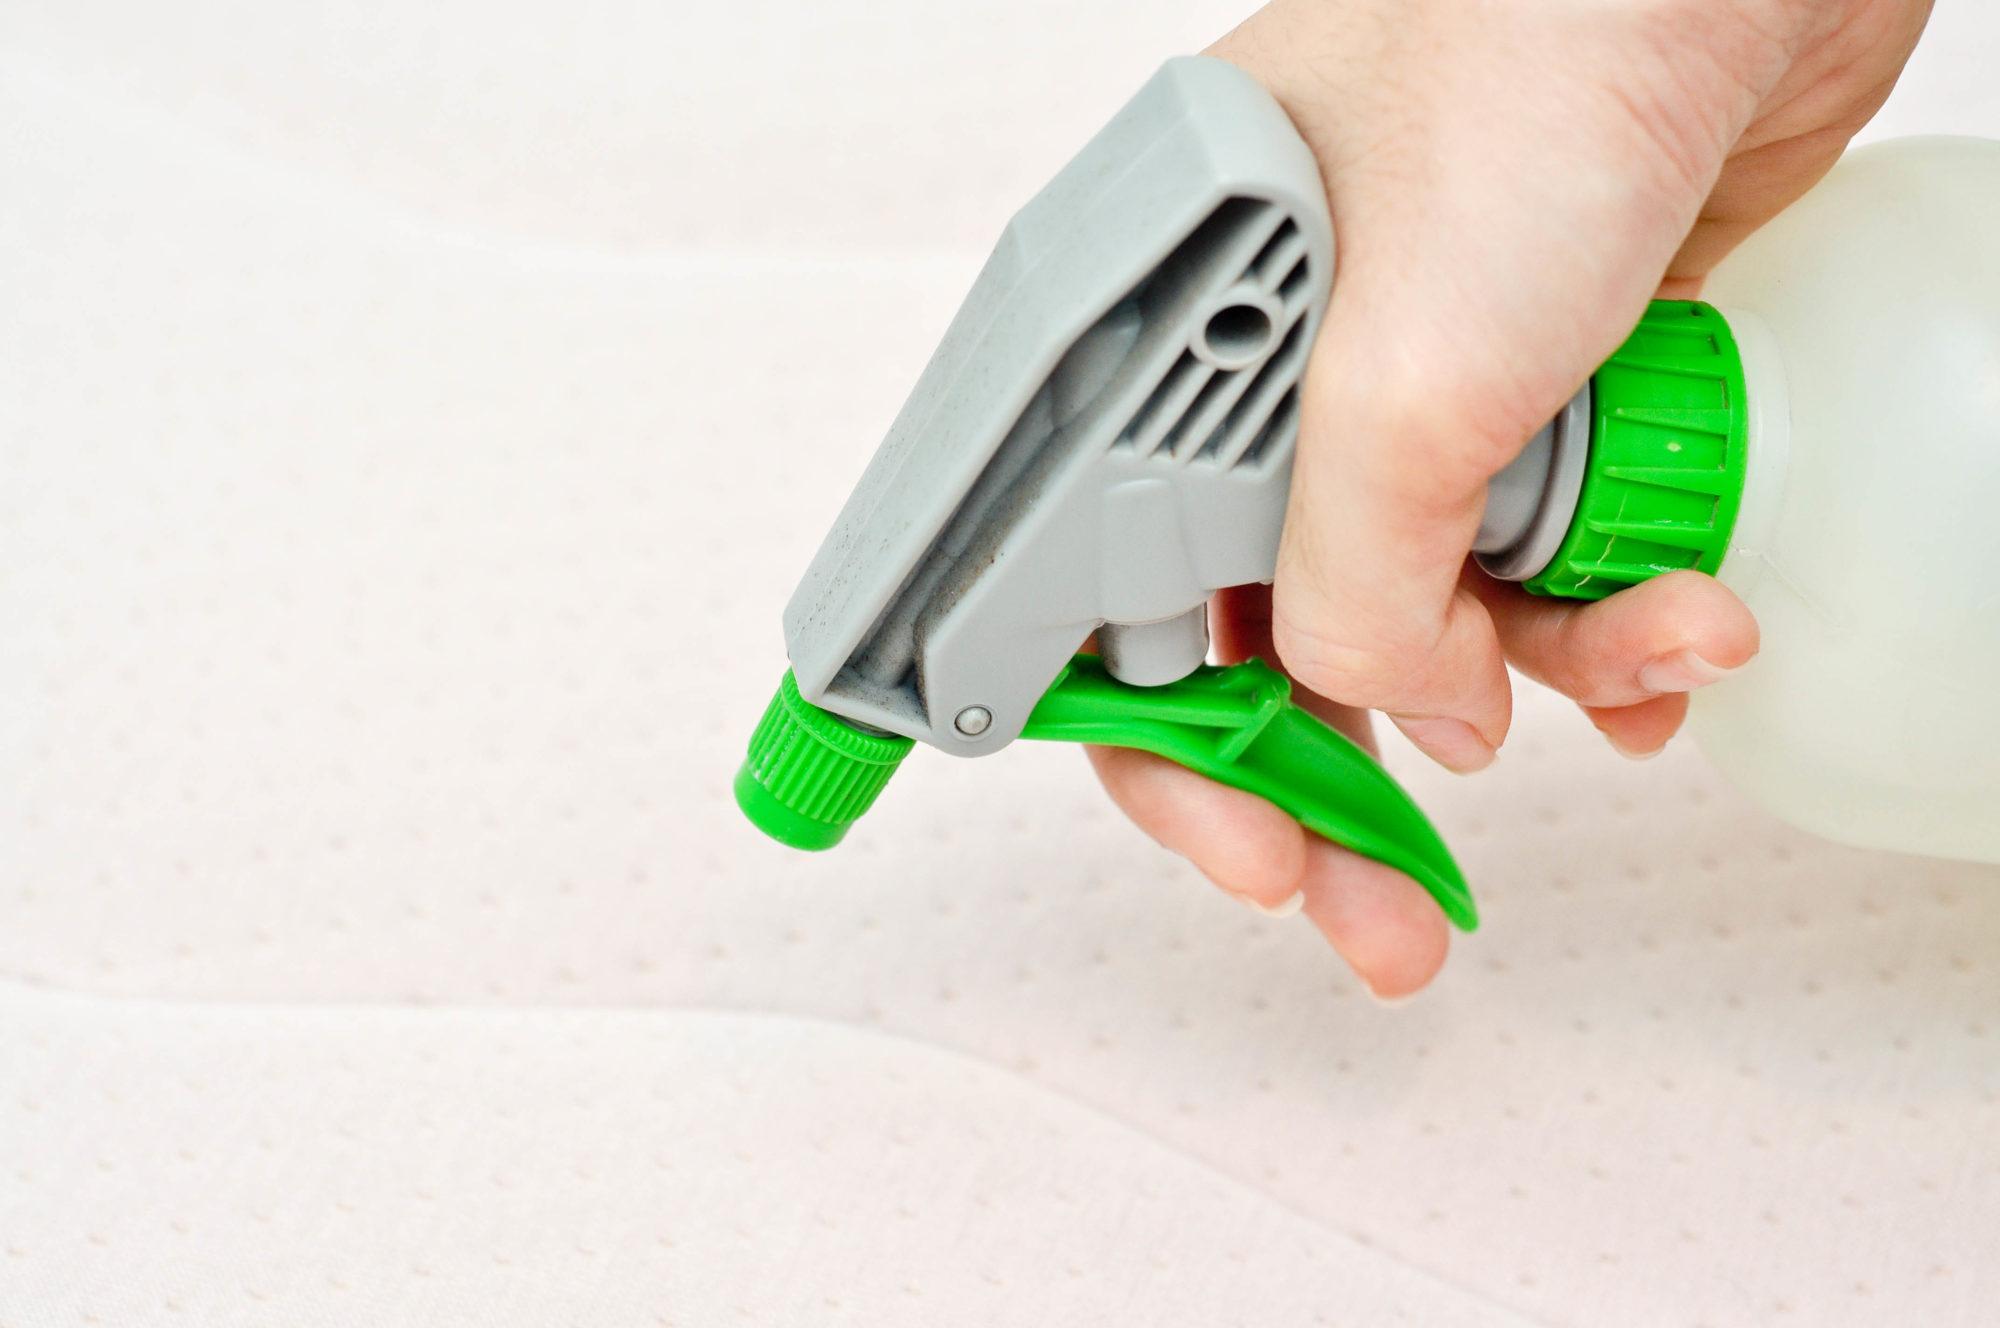 Основная проблема — моментальное проникновение мочи. Нейтрализовать «свежий» запах мочи можно уксусом. Залейте его в пульверизатор, распылите на пятно, оставьте пропитываться.